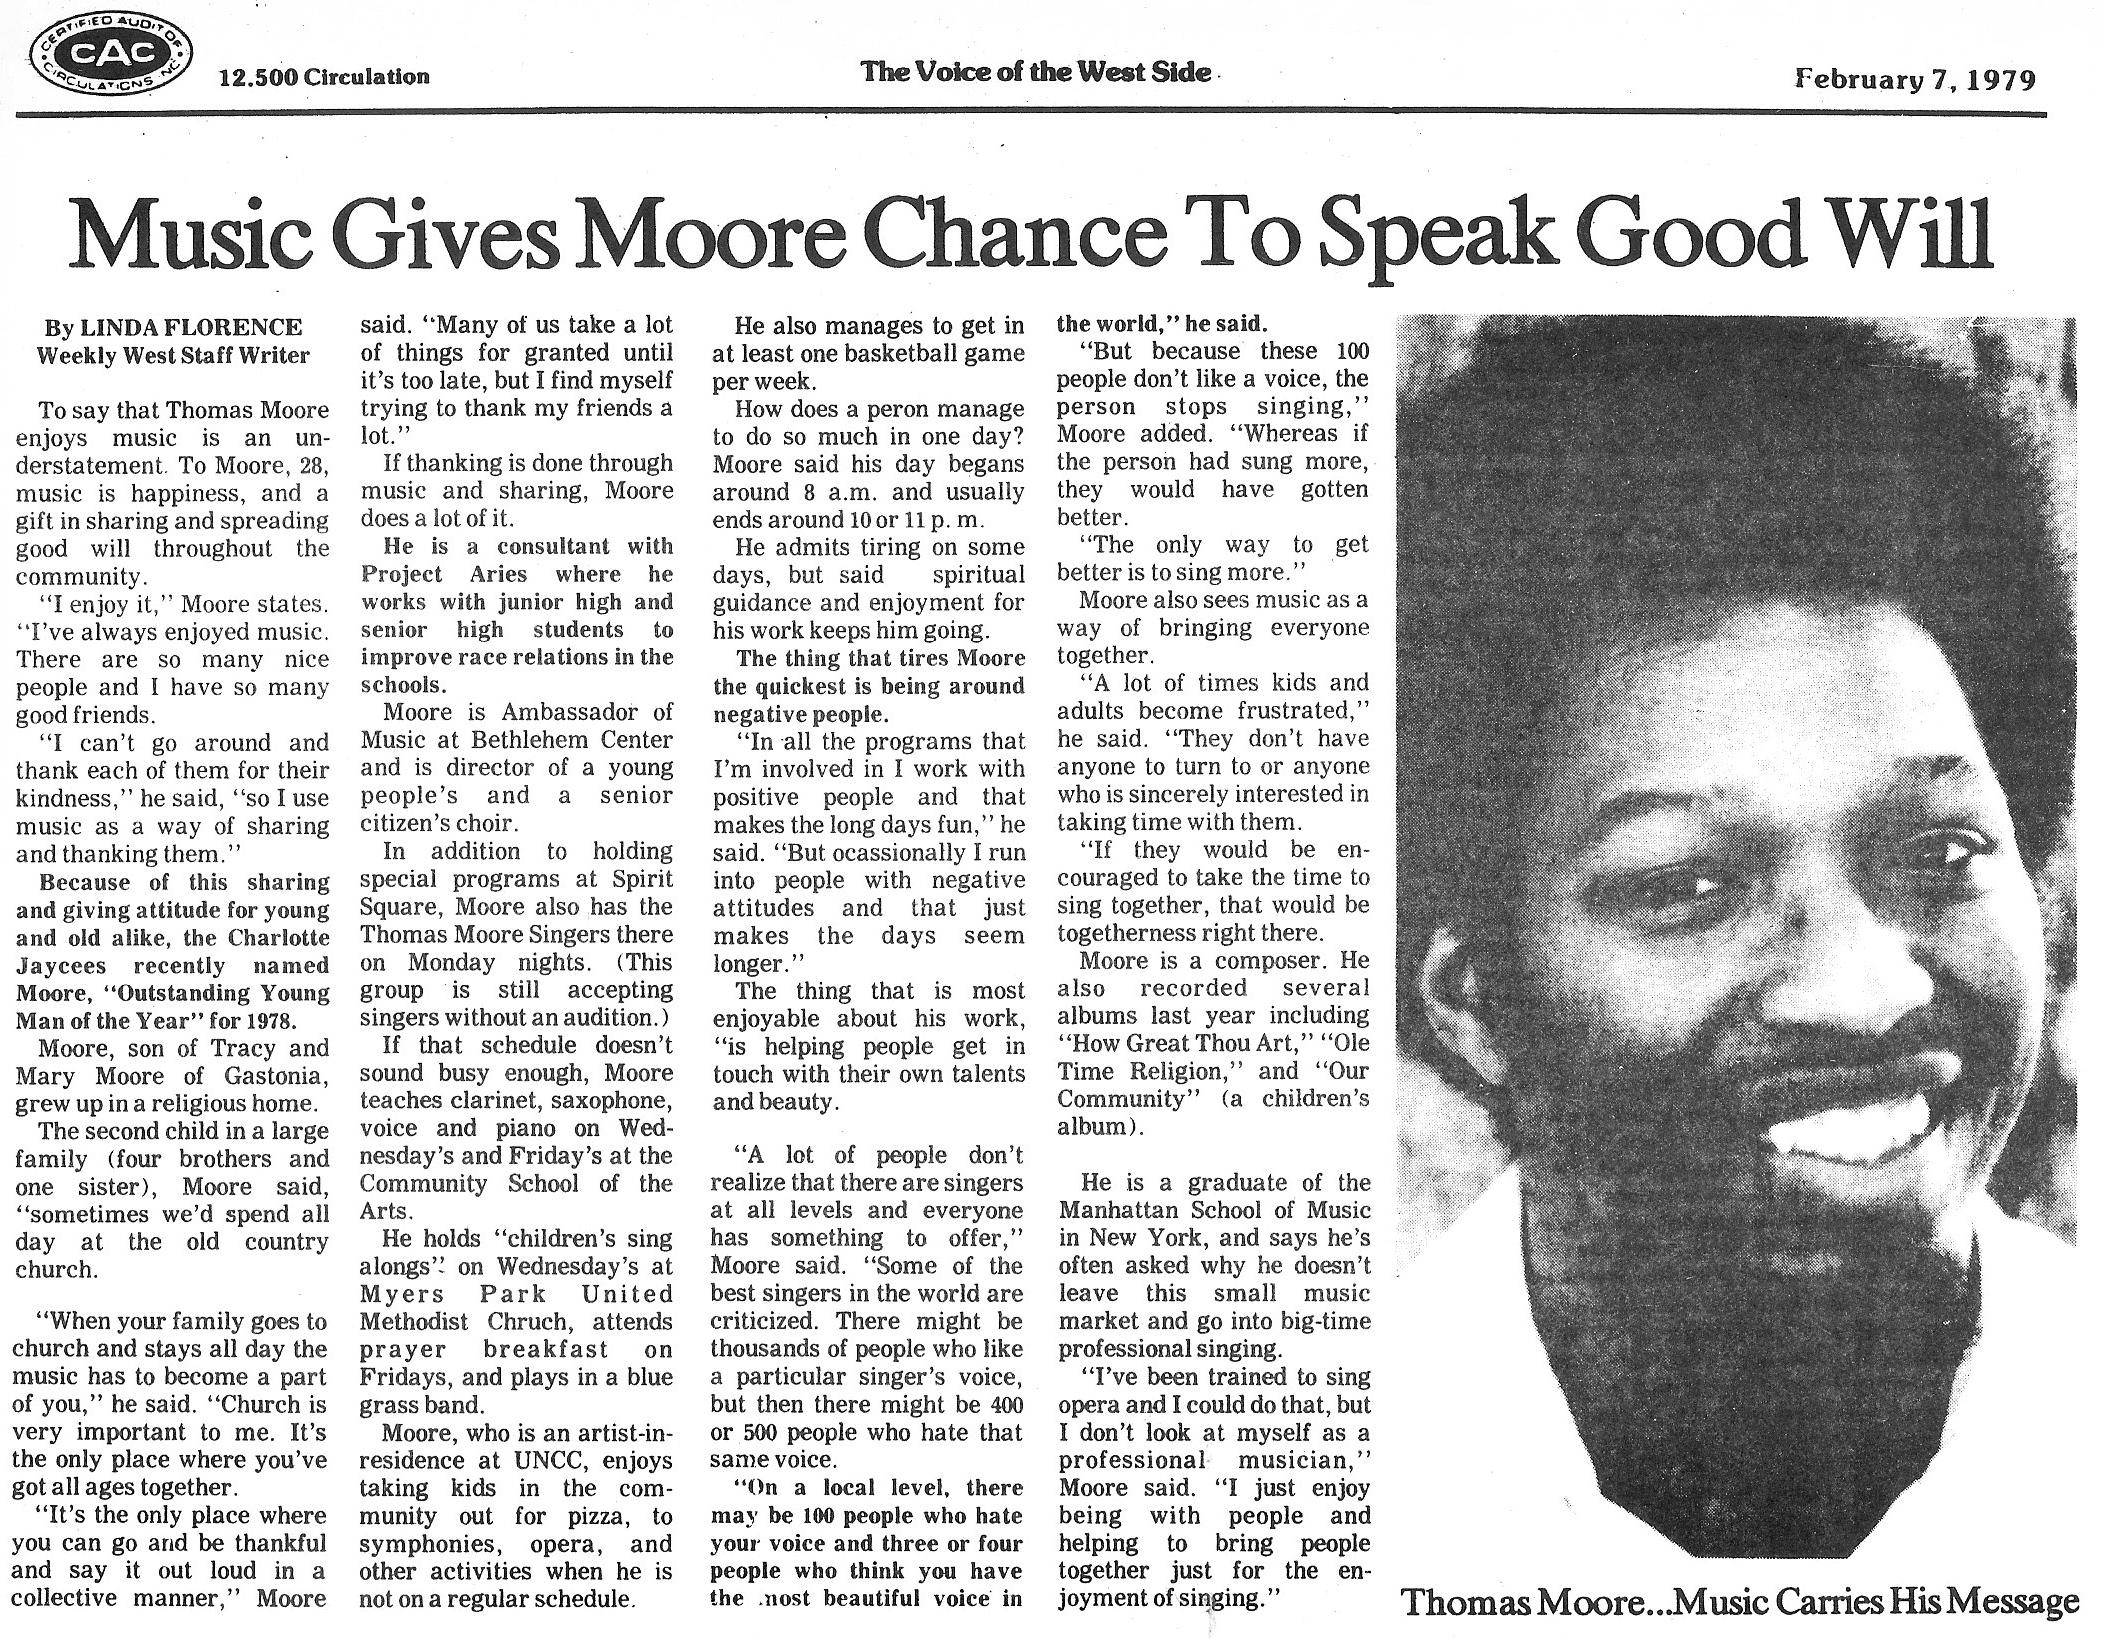 Charlotte Weekly West, Feb. 7, 1979